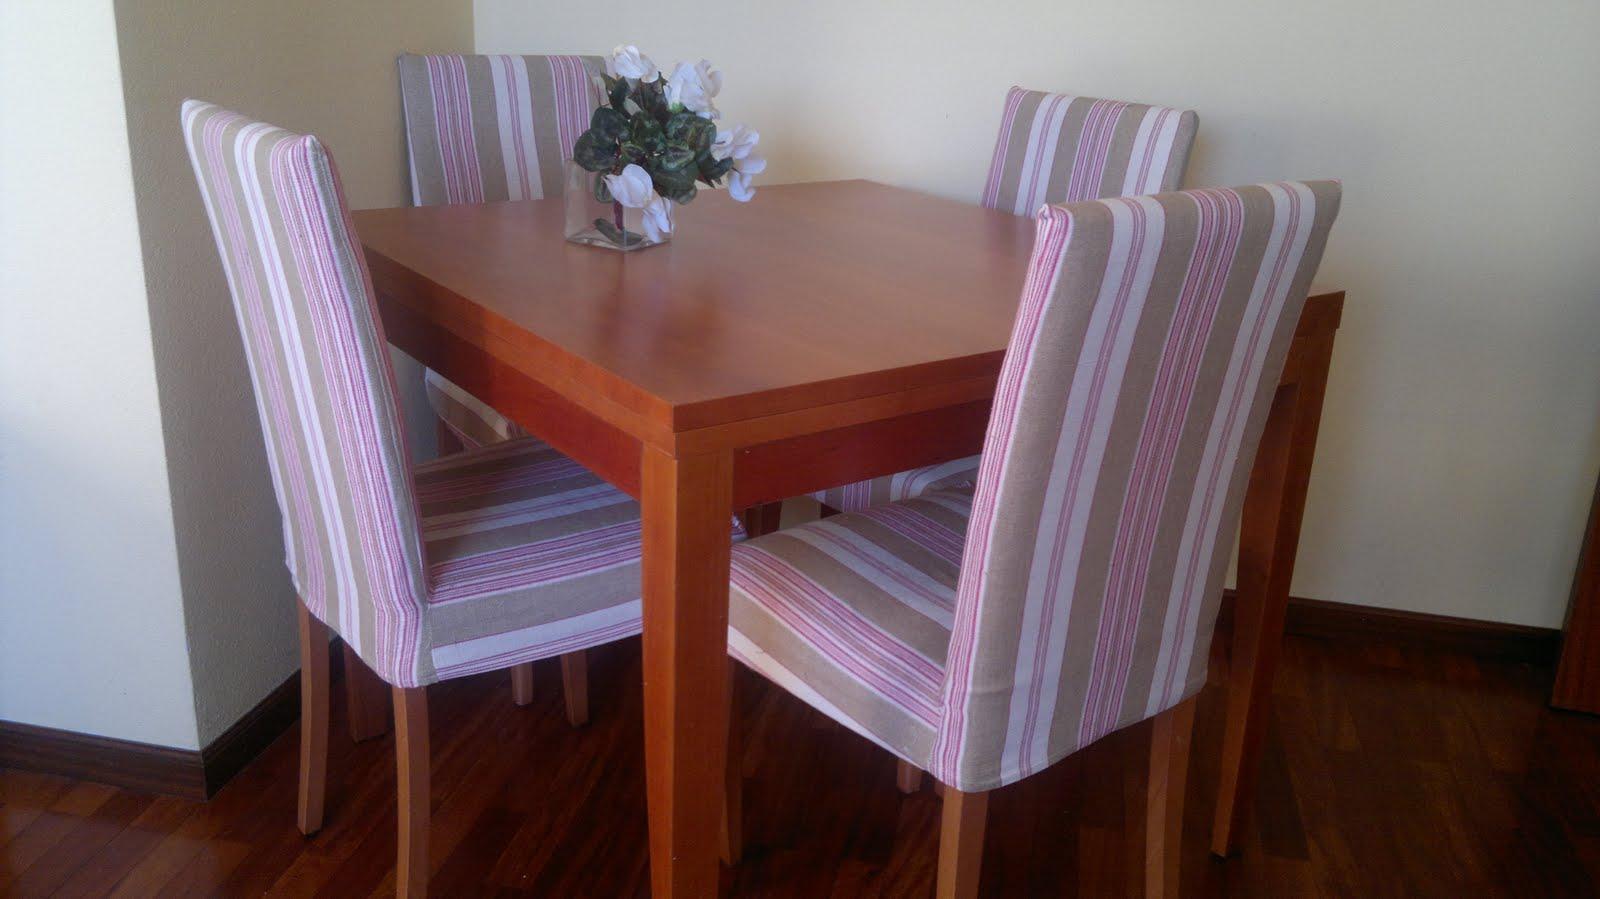 Fundas para las sillas de comedor costura - Cojines para comedor ...